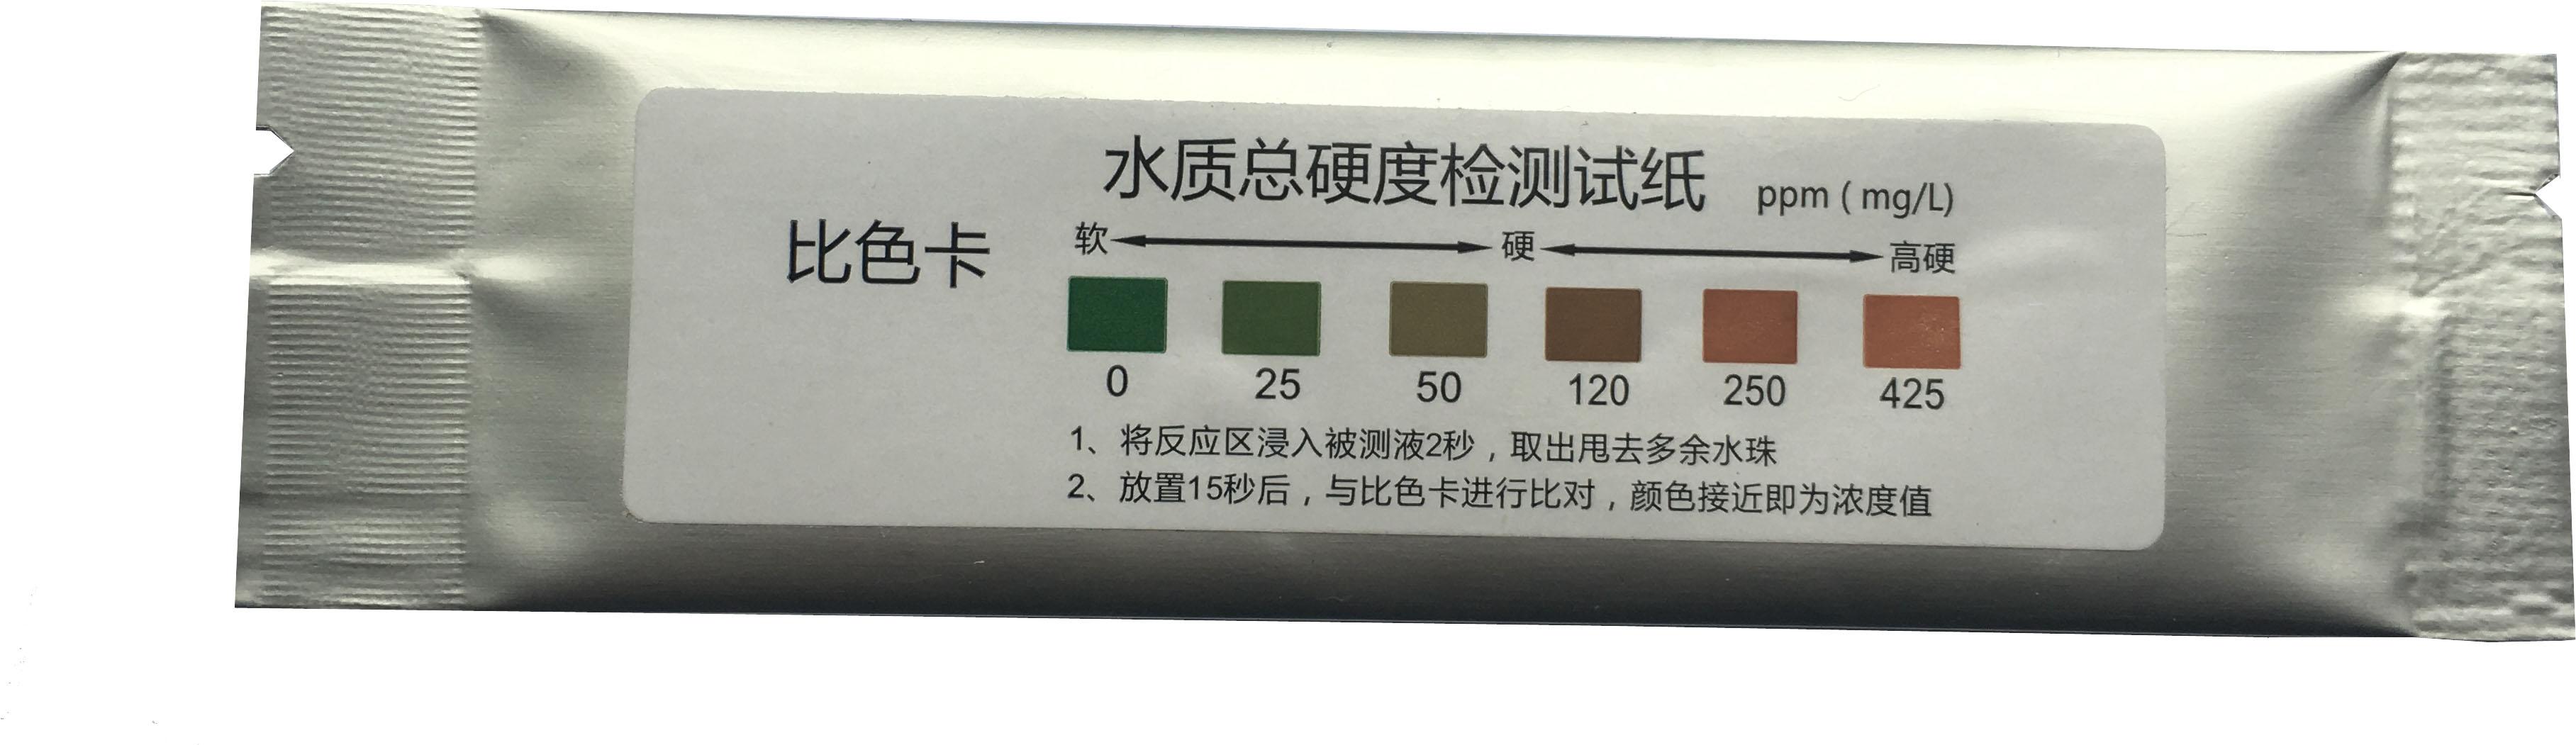 企业定制版余氯、总氯等检测试纸、试剂盒